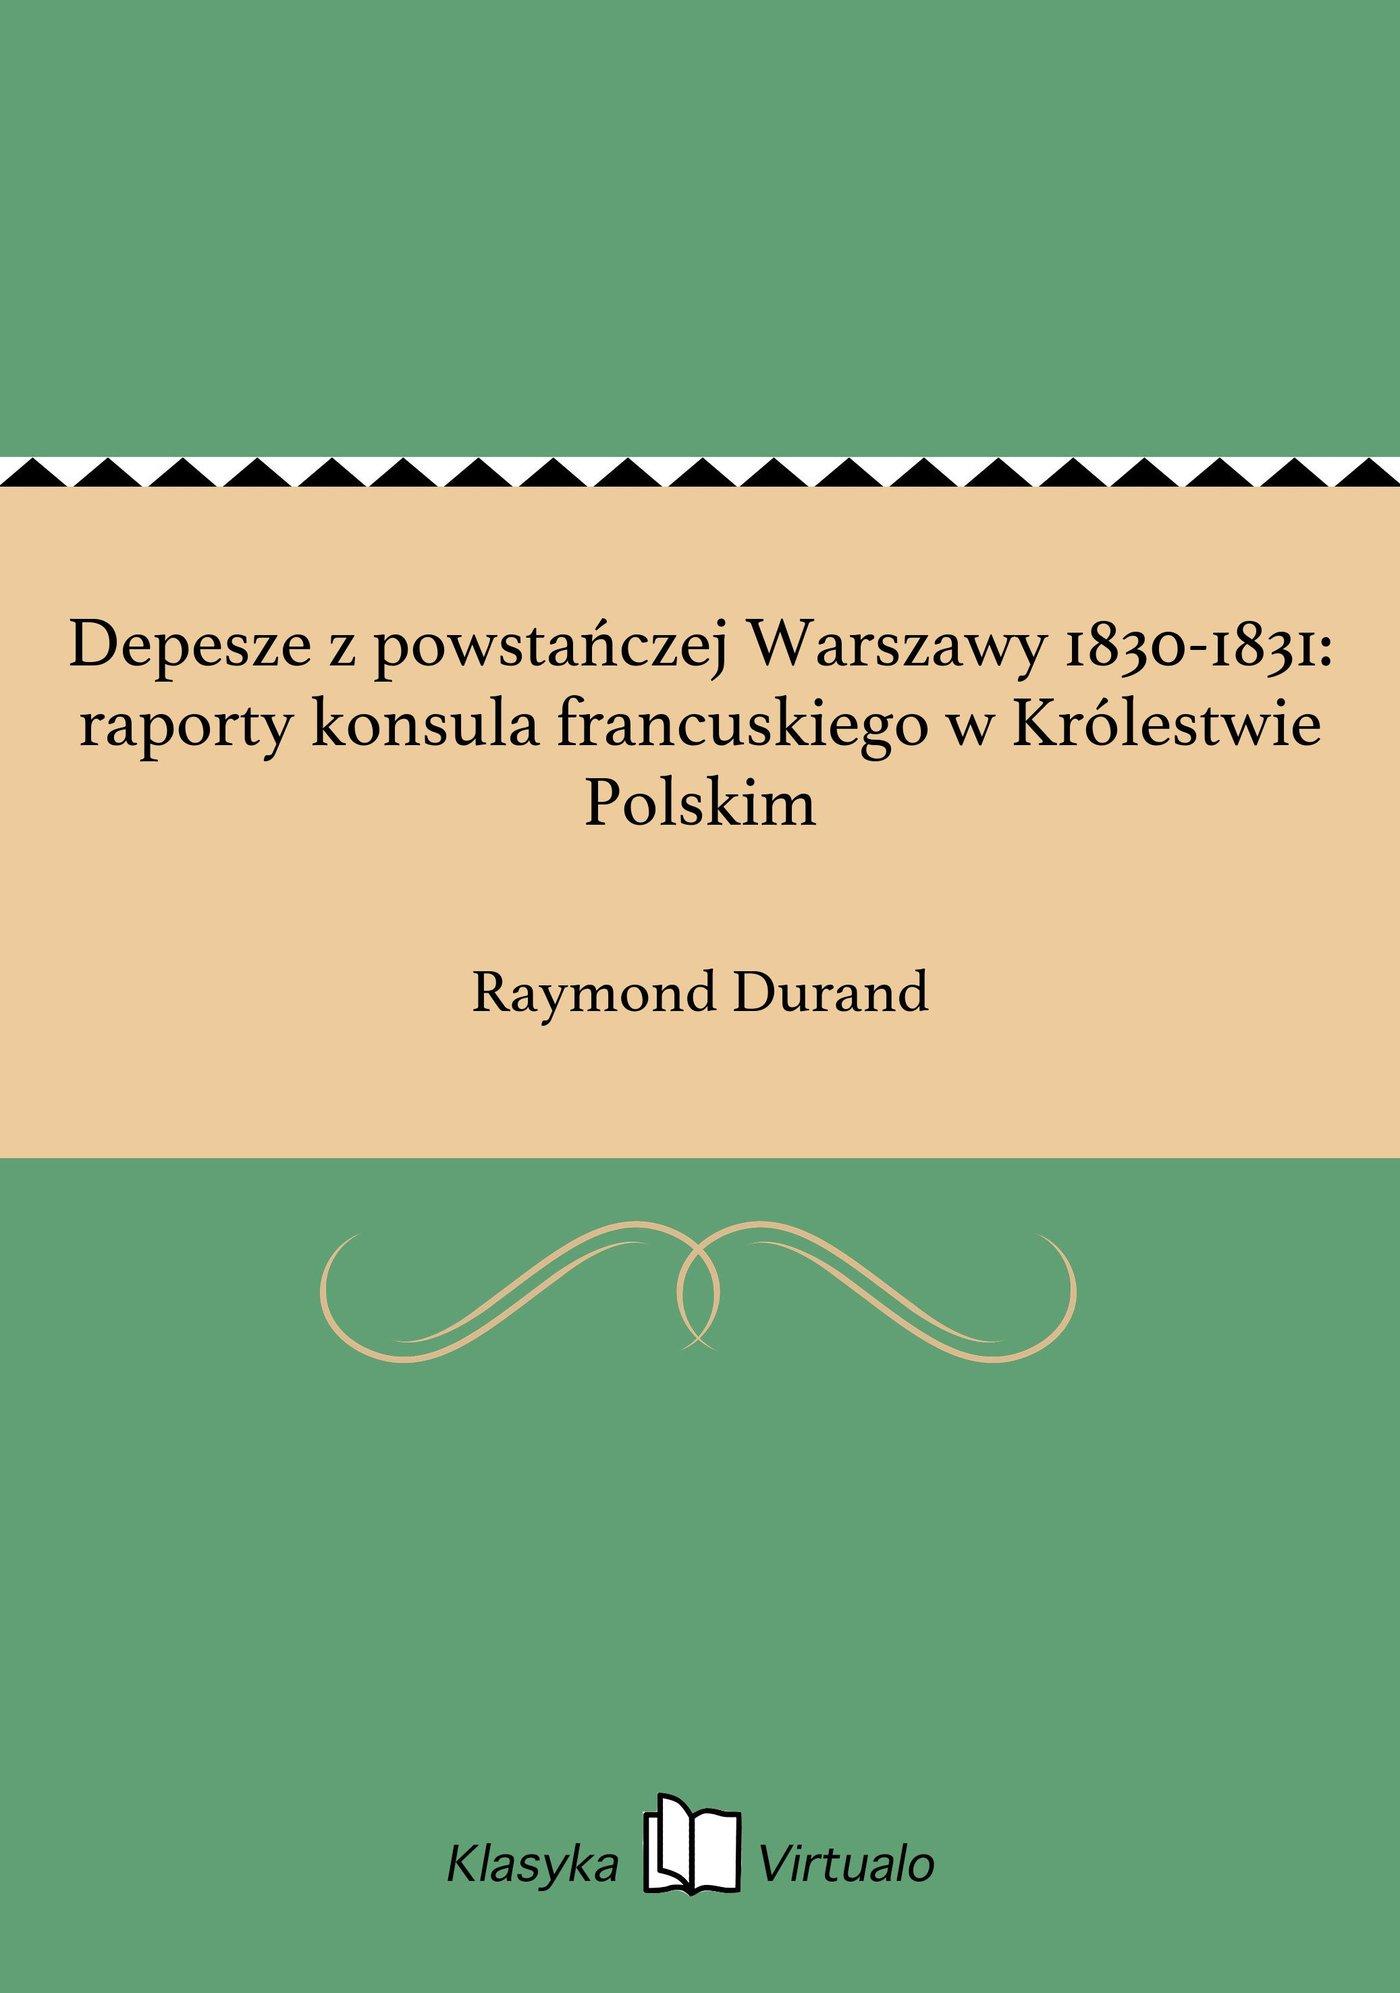 Depesze z powstańczej Warszawy 1830-1831: raporty konsula francuskiego w Królestwie Polskim - Ebook (Książka EPUB) do pobrania w formacie EPUB